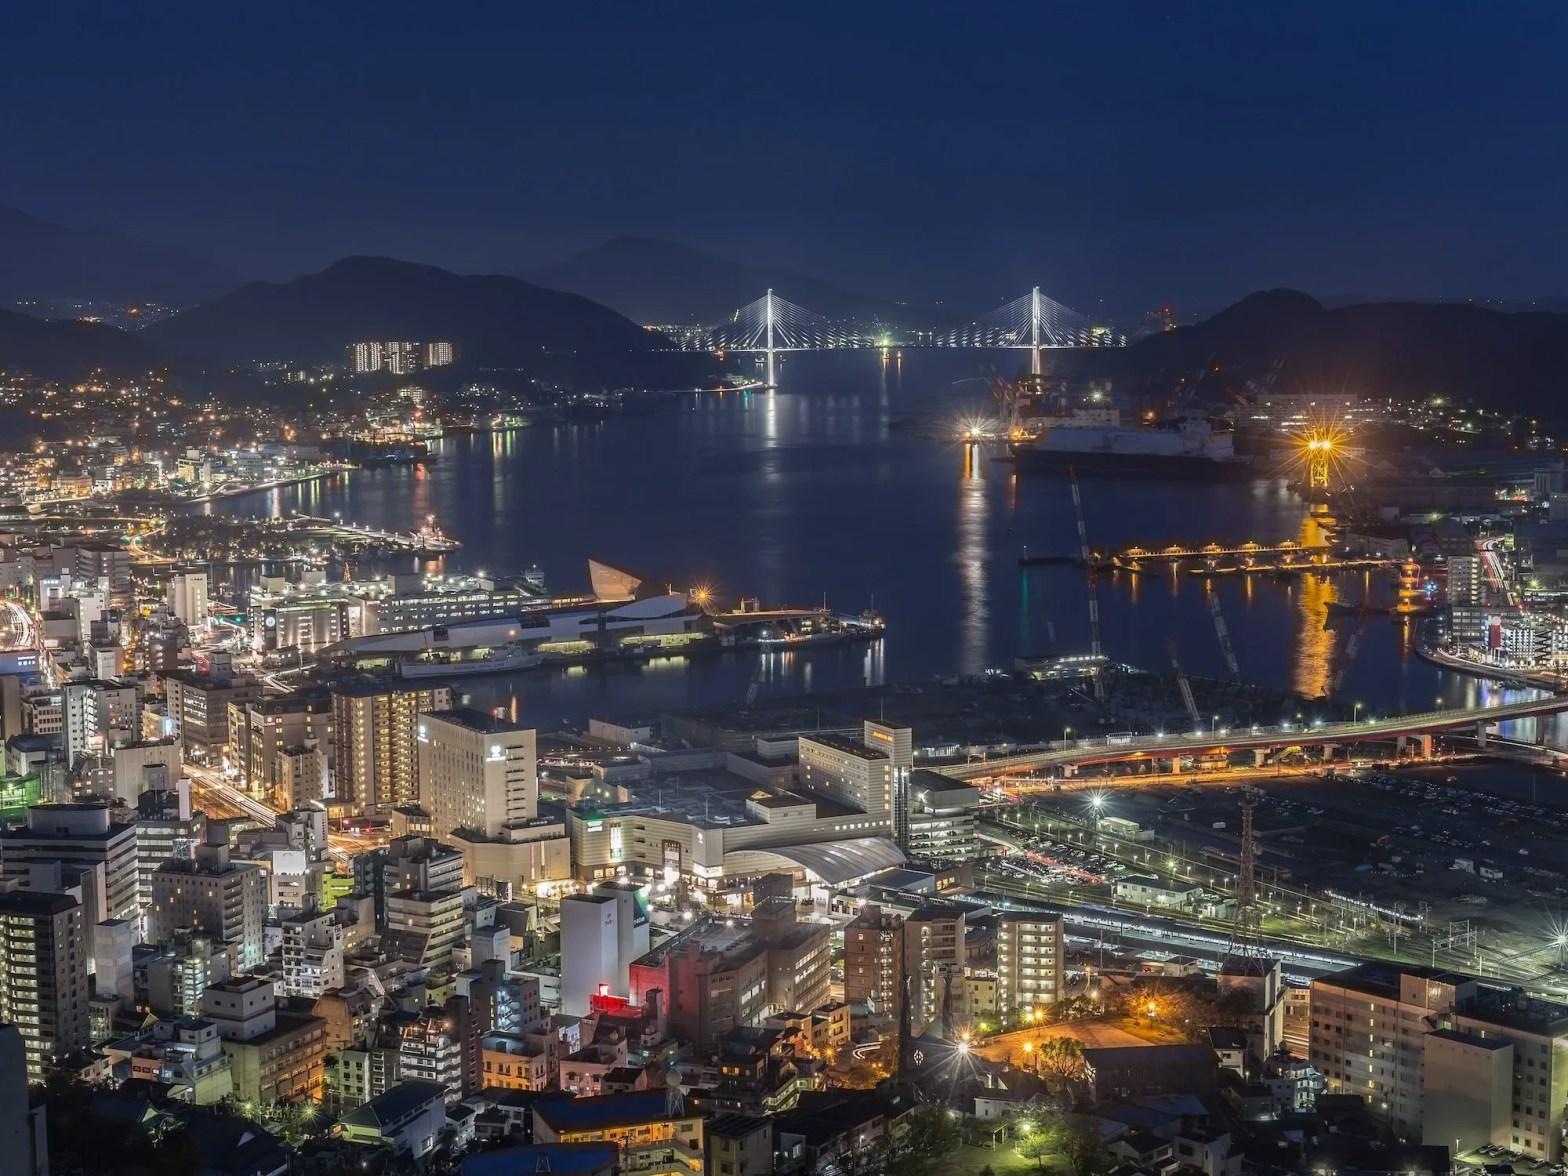 Nachtelijke uitzichten: Mount Inasa